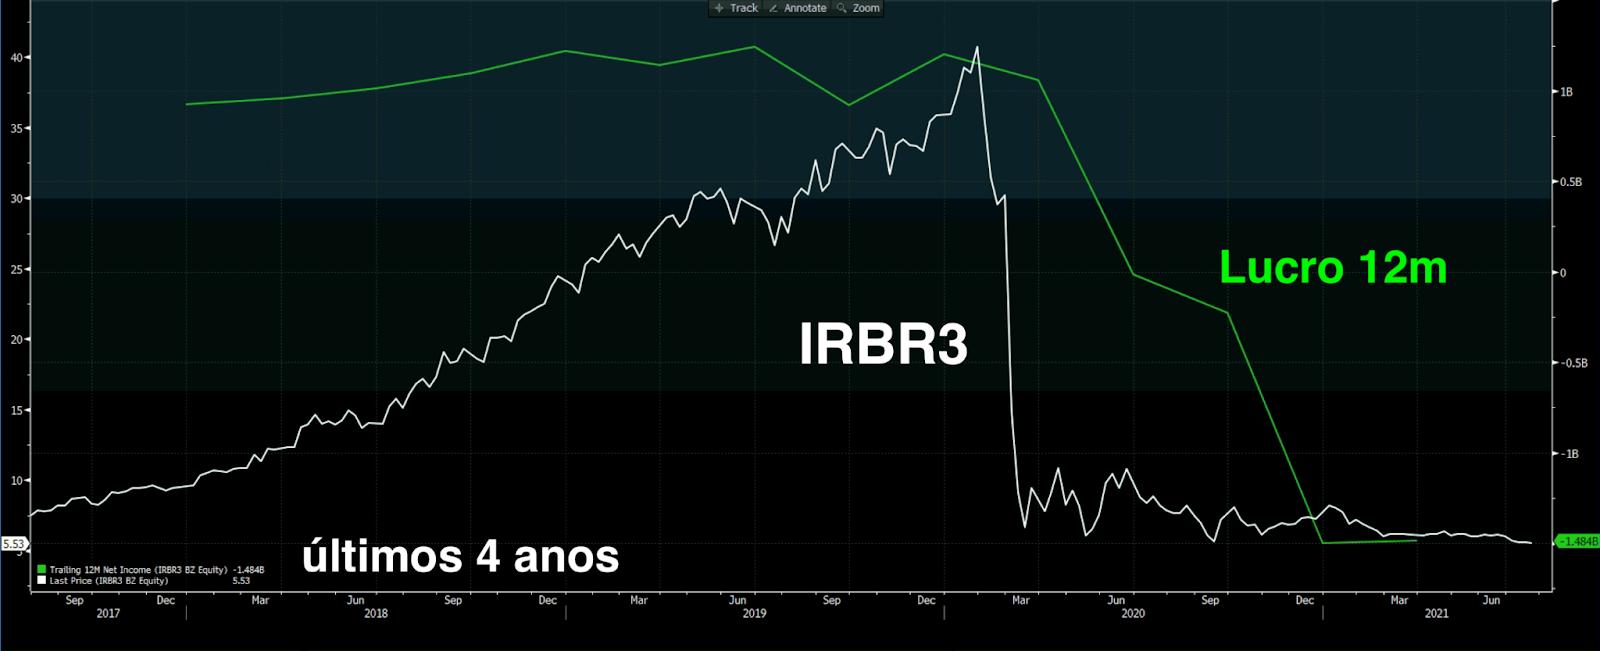 Desempenho de IRBR3 e lucro (acum 12m).